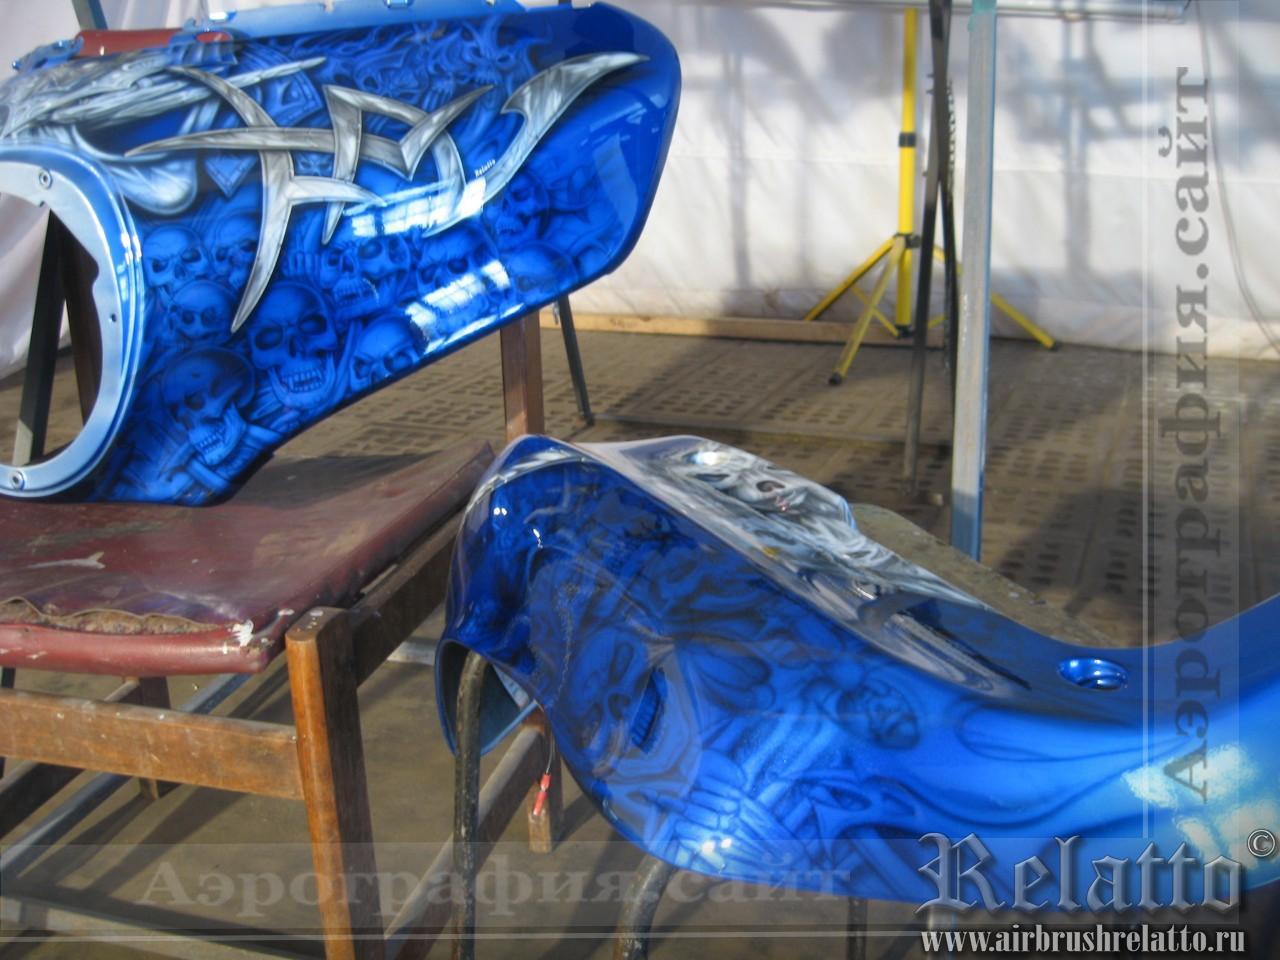 Ямаха 'Blue Восстановление  аэрографии мотоцикла